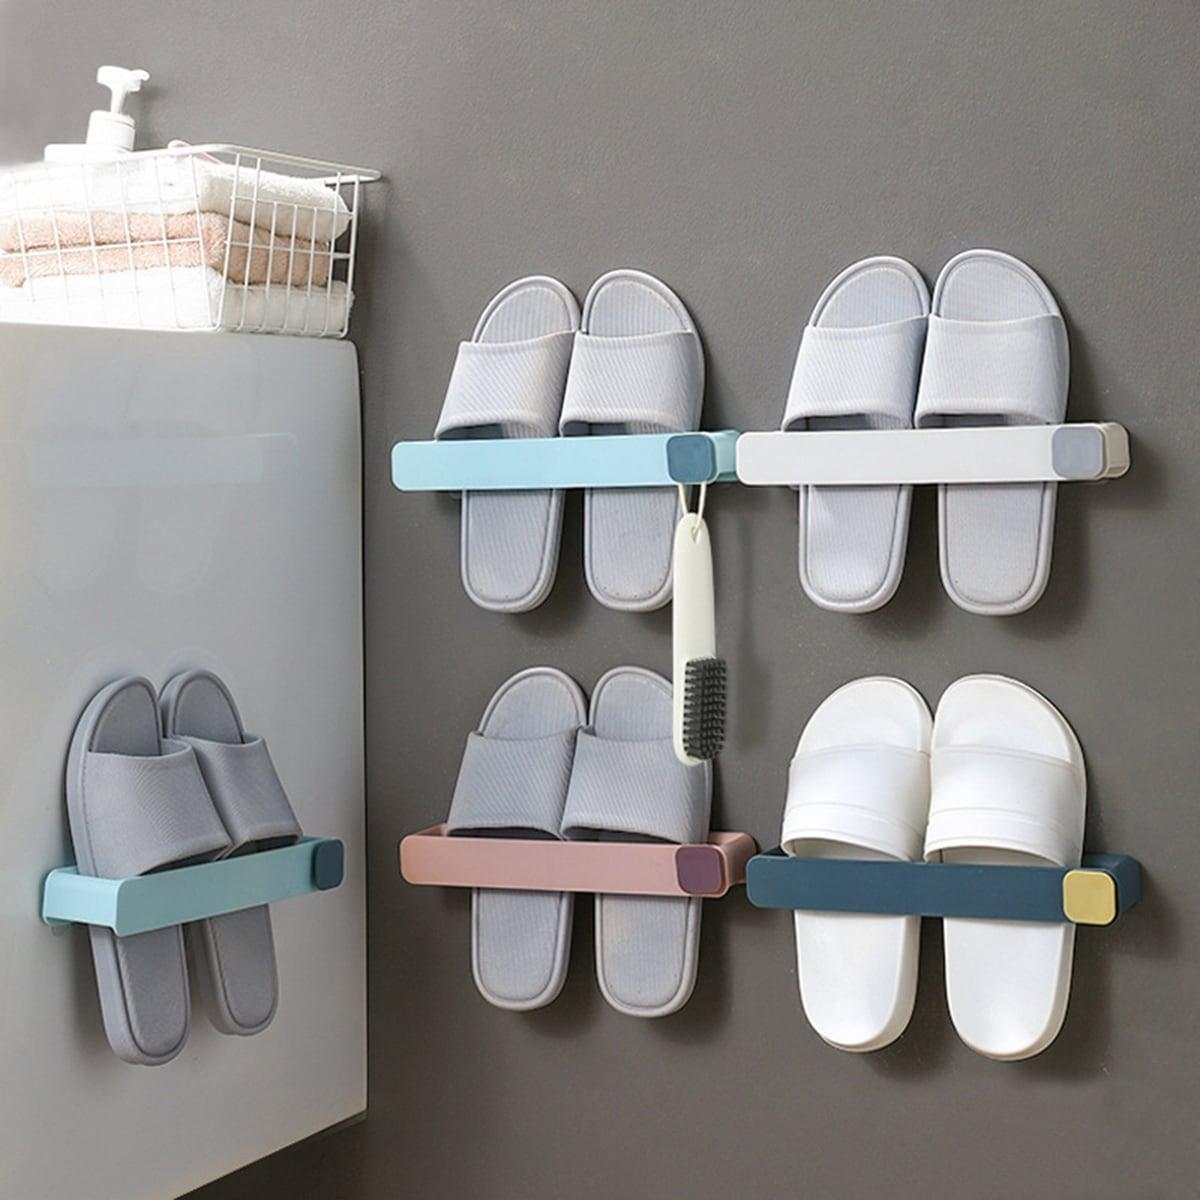 2шт настенная вешалка для обуви случайного цвета